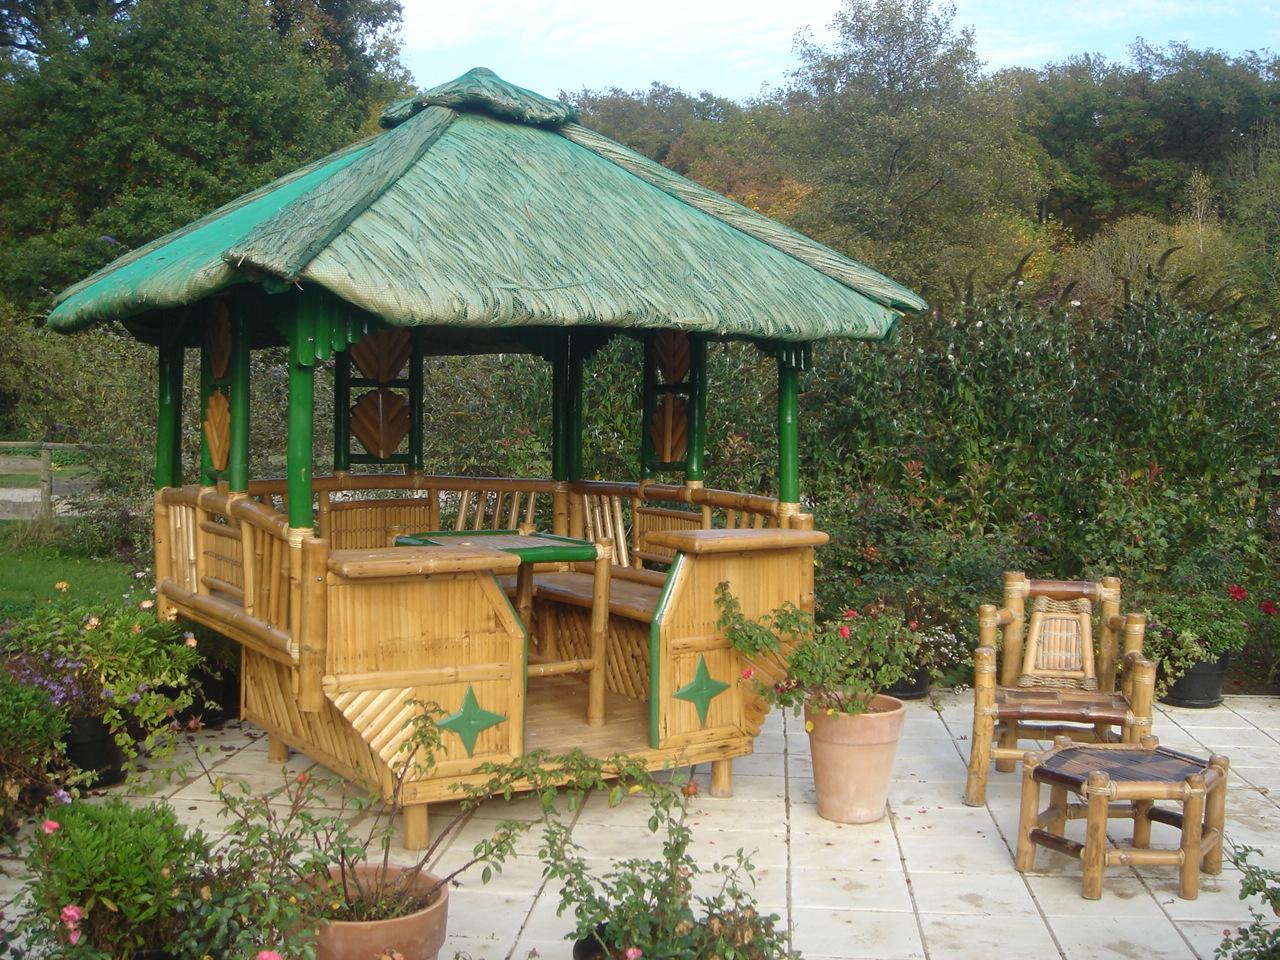 Achat Bambou : Achetez Vos Tonnelles En Bambou Chez Exo-Garden pour Salon De Jardin En Bambou